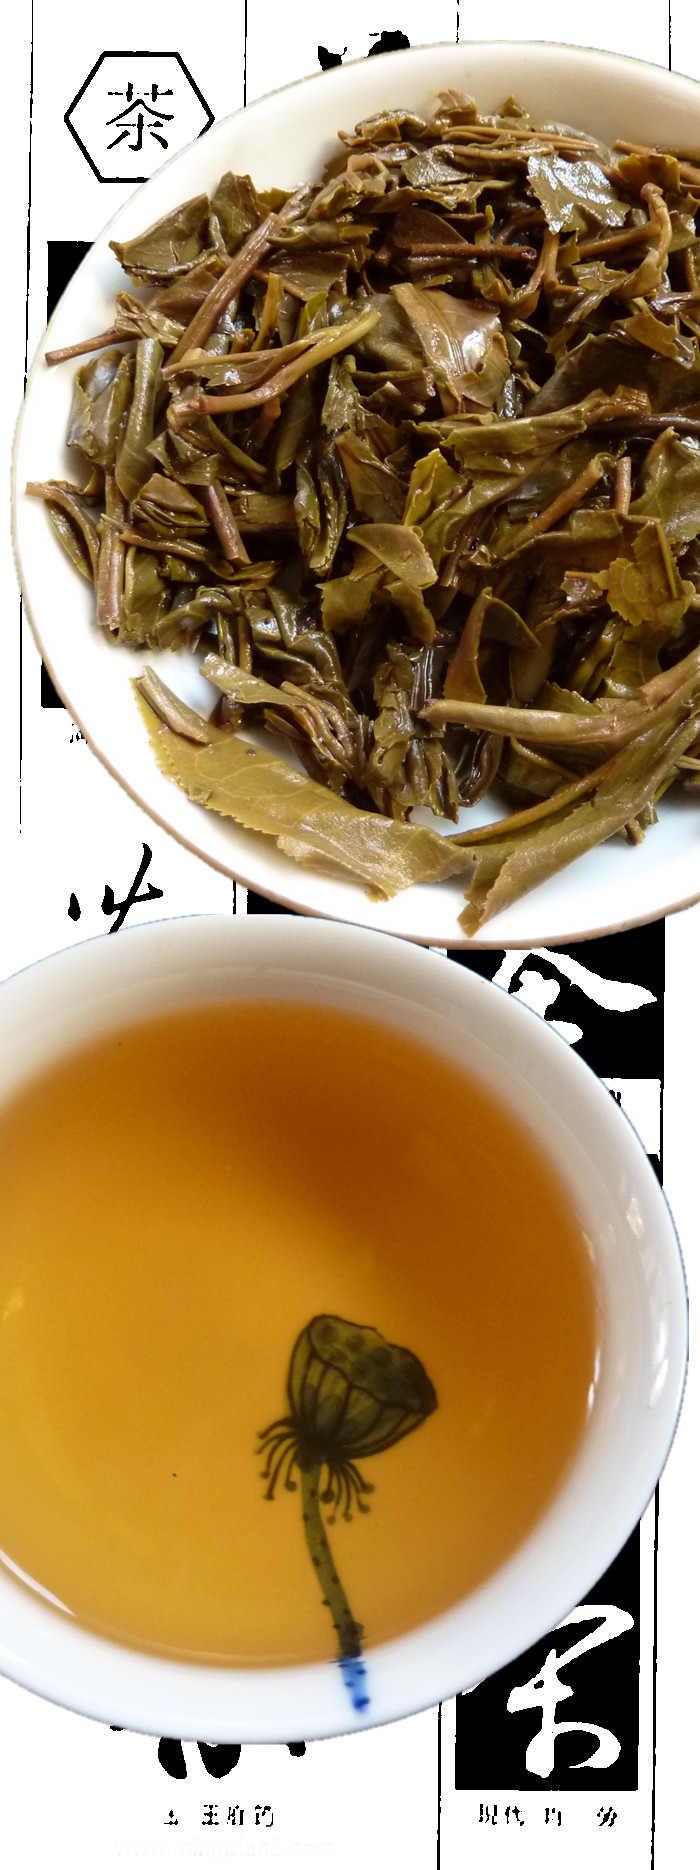 2008 Yong Pin Hao Yiwu Zhen Shan Spring Raw Puerh Tea Brick 250g